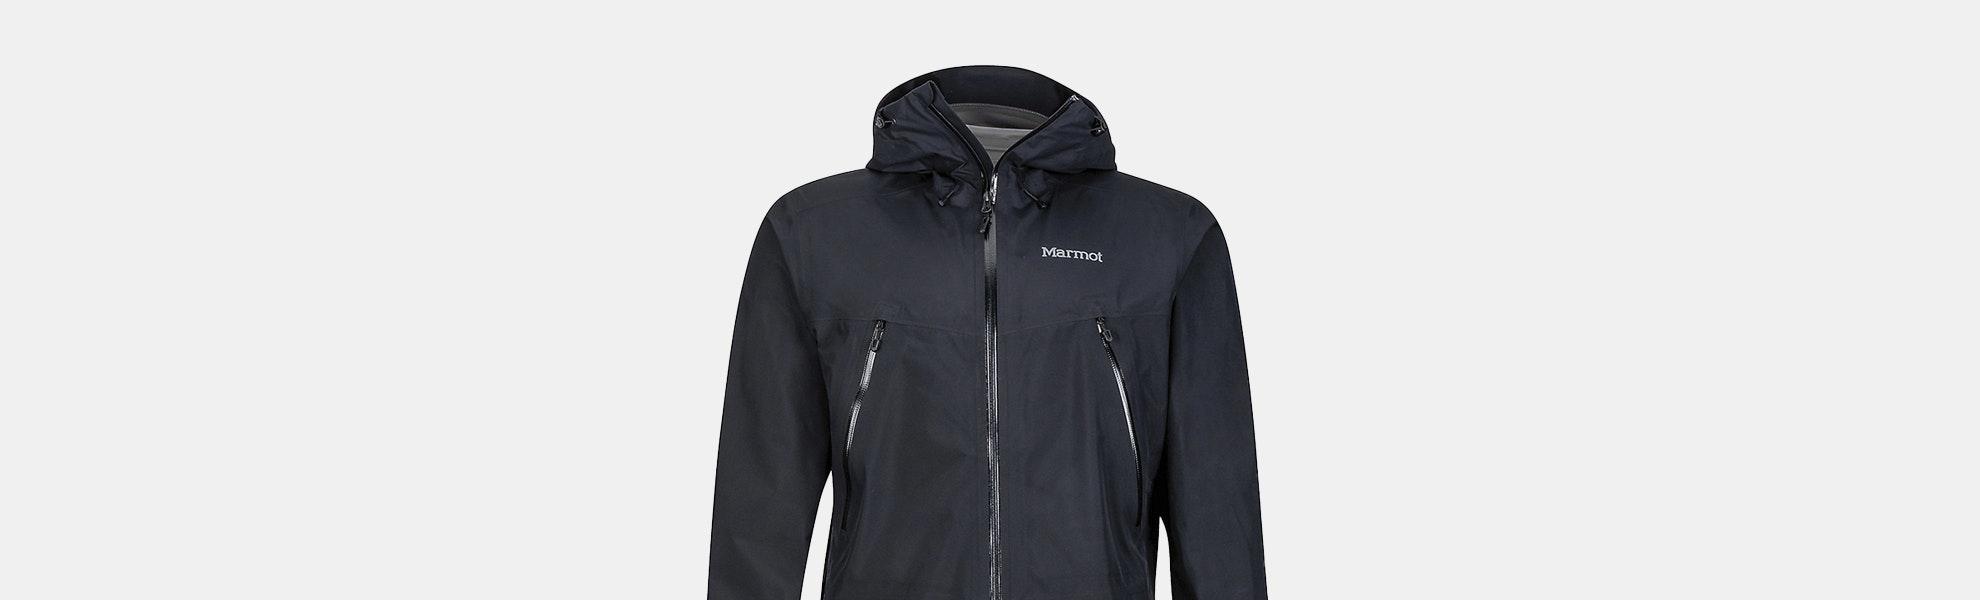 Marmot Knife Edge Jacket